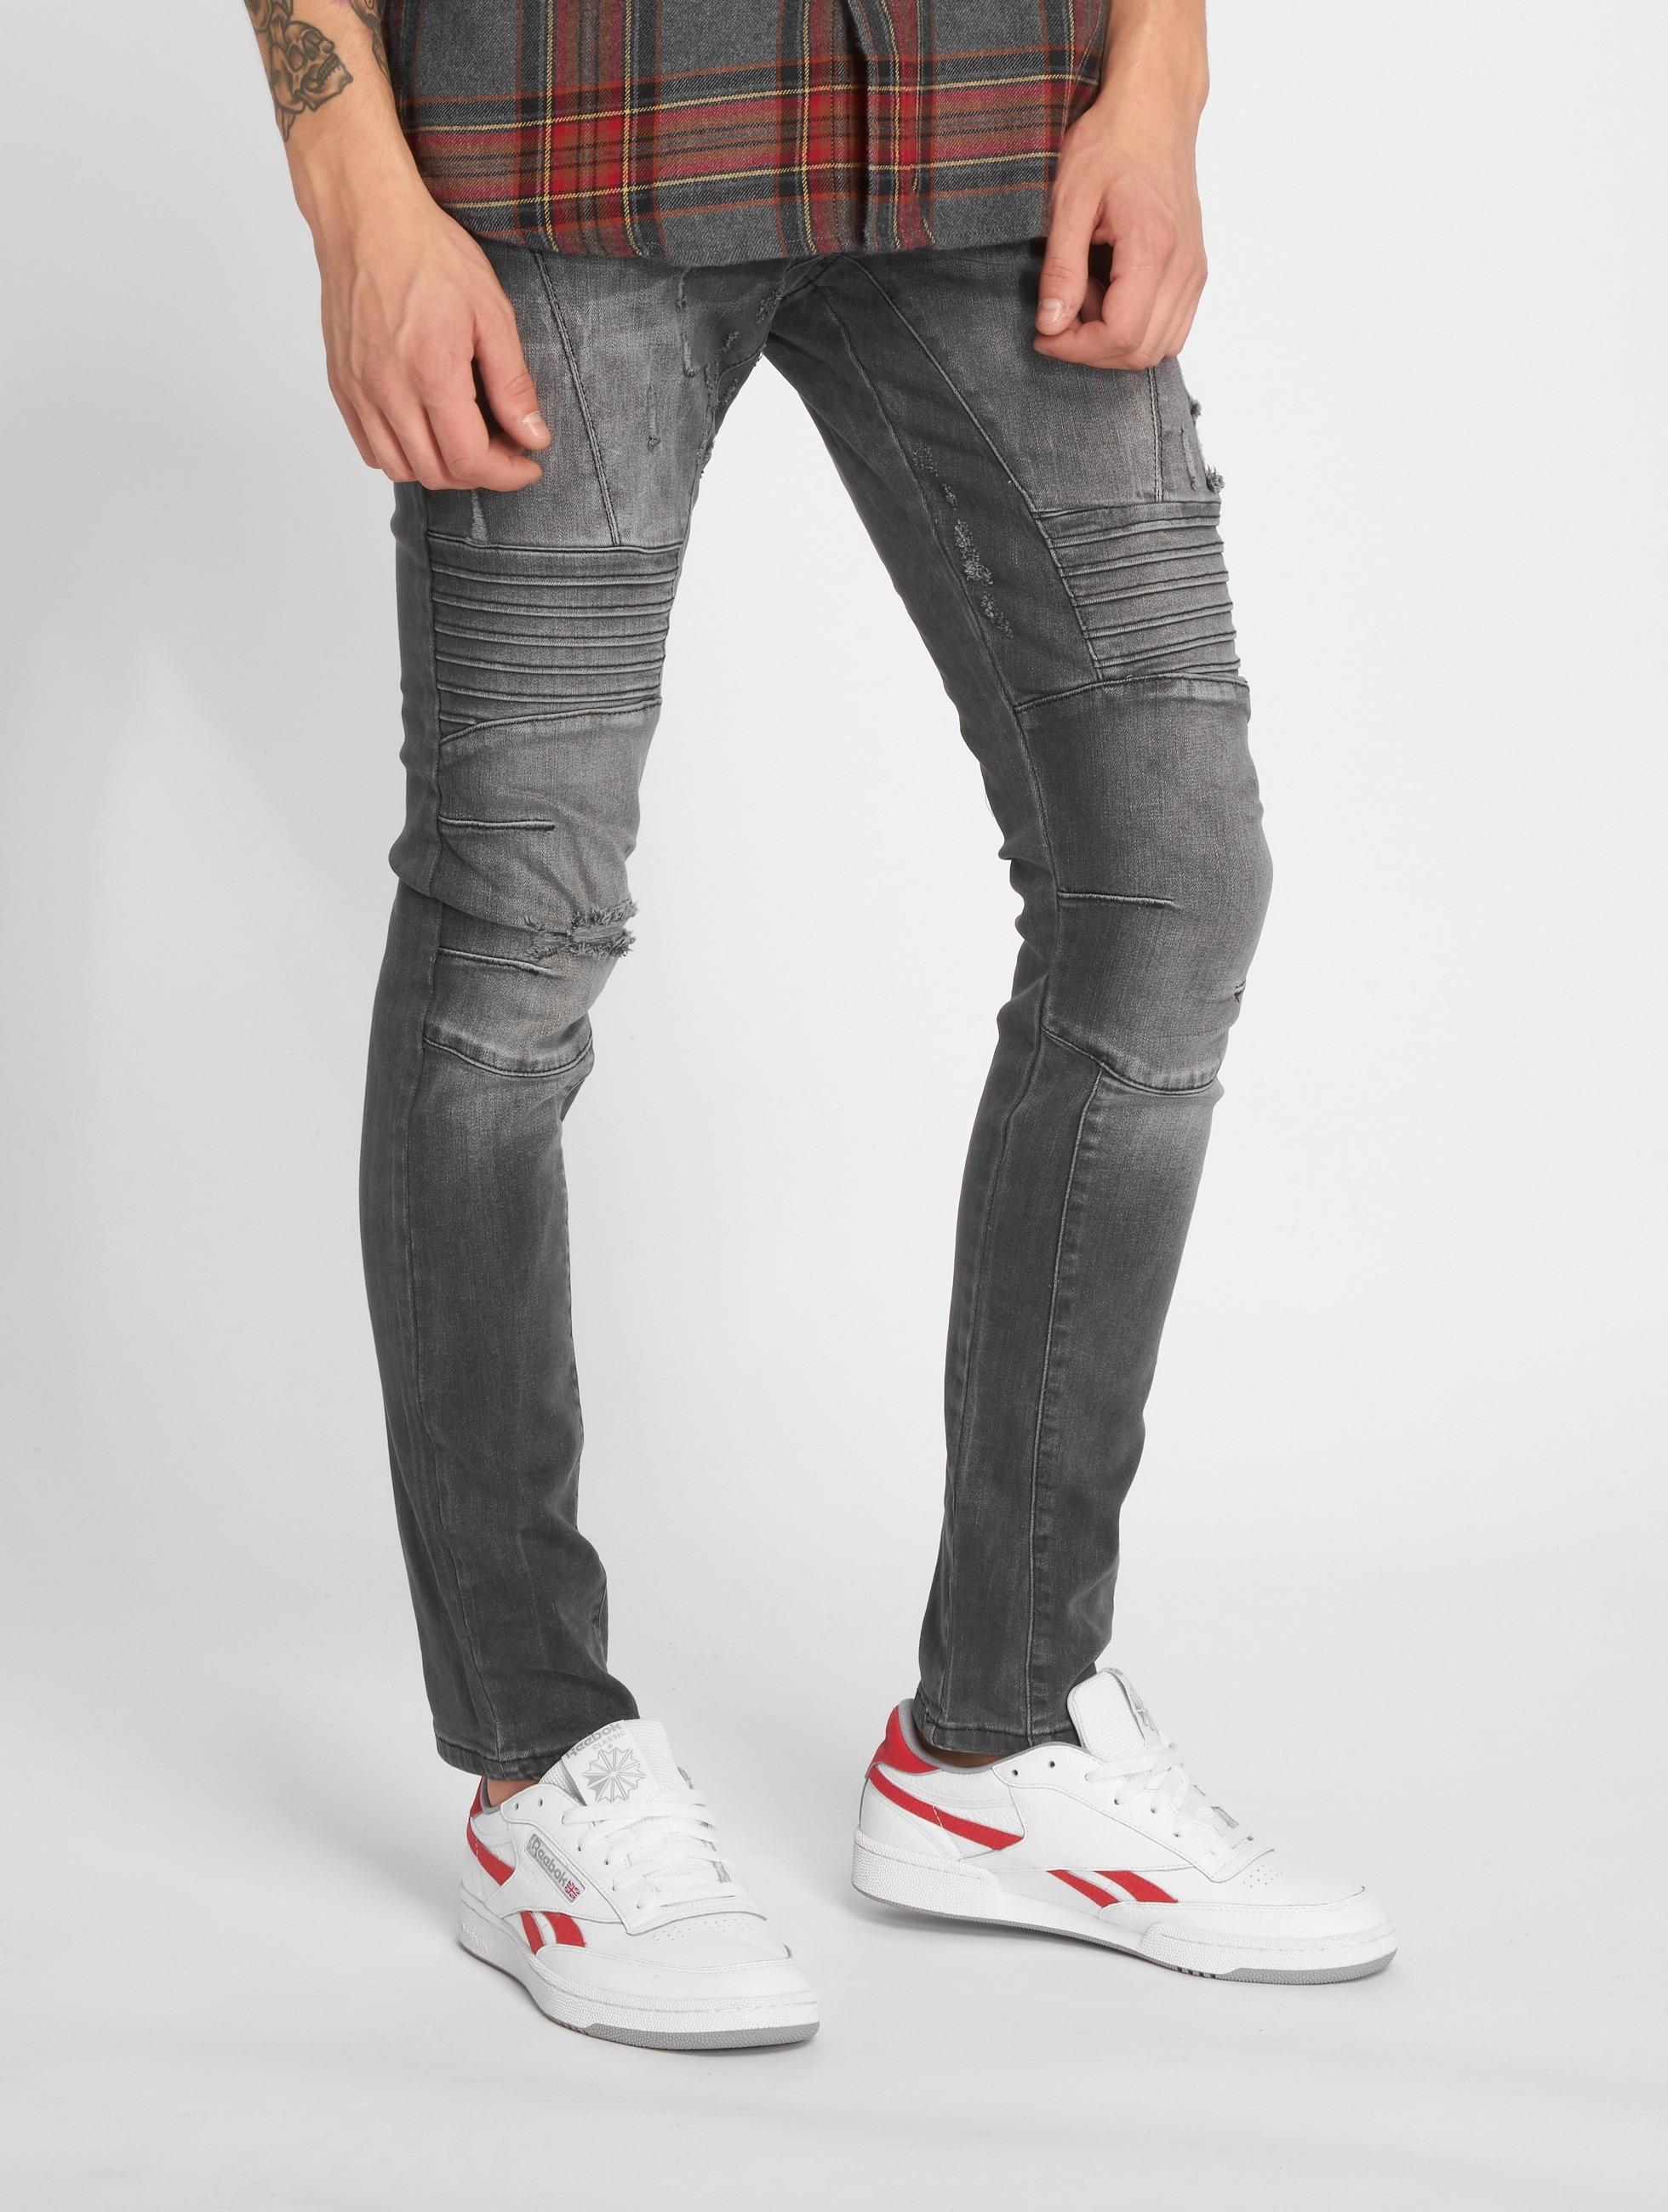 2Y / Slim Fit Jeans Polles in grey W 29